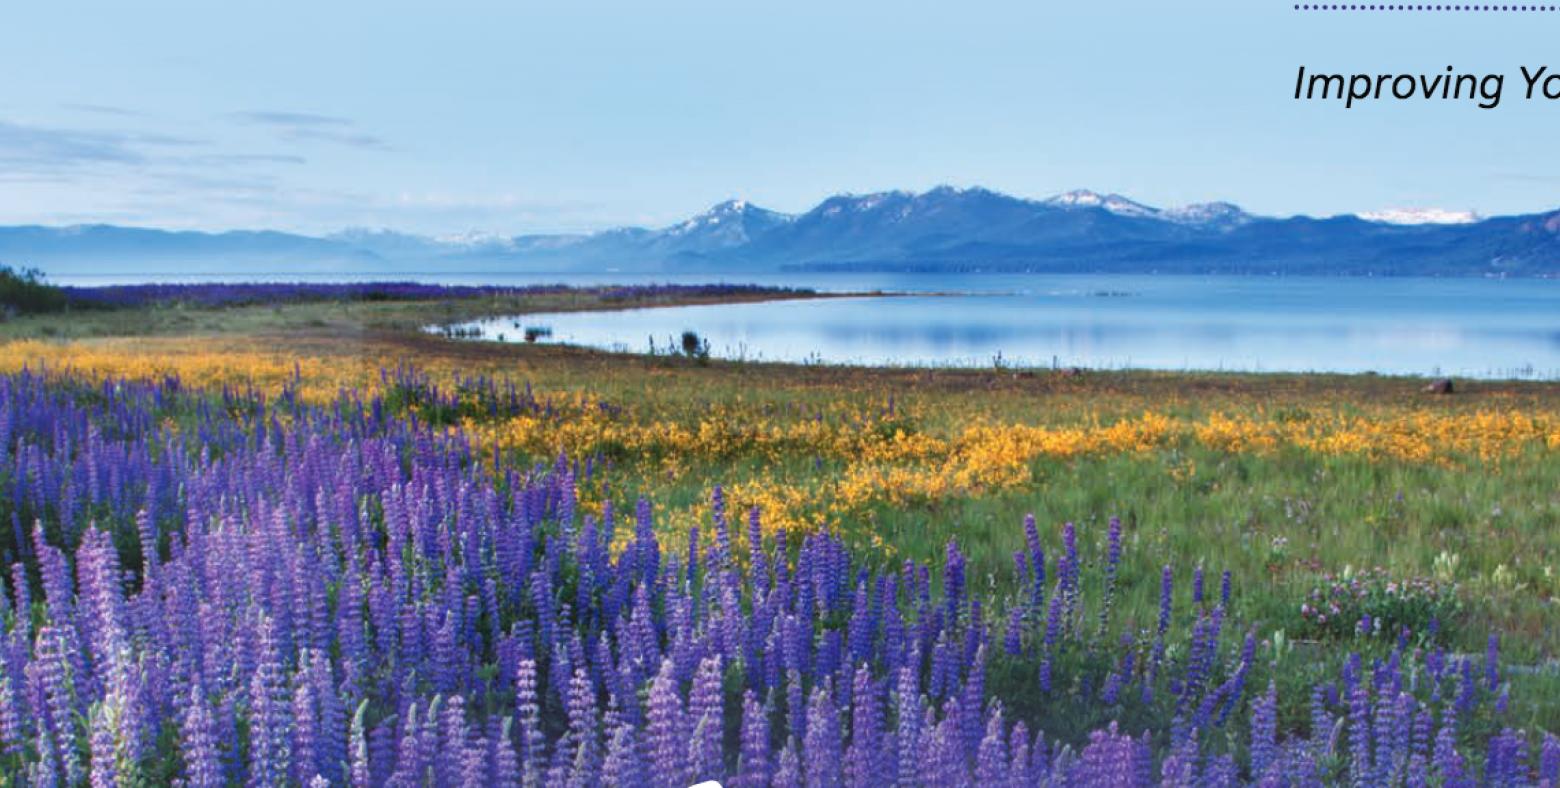 Field of flowers at lake tahoe